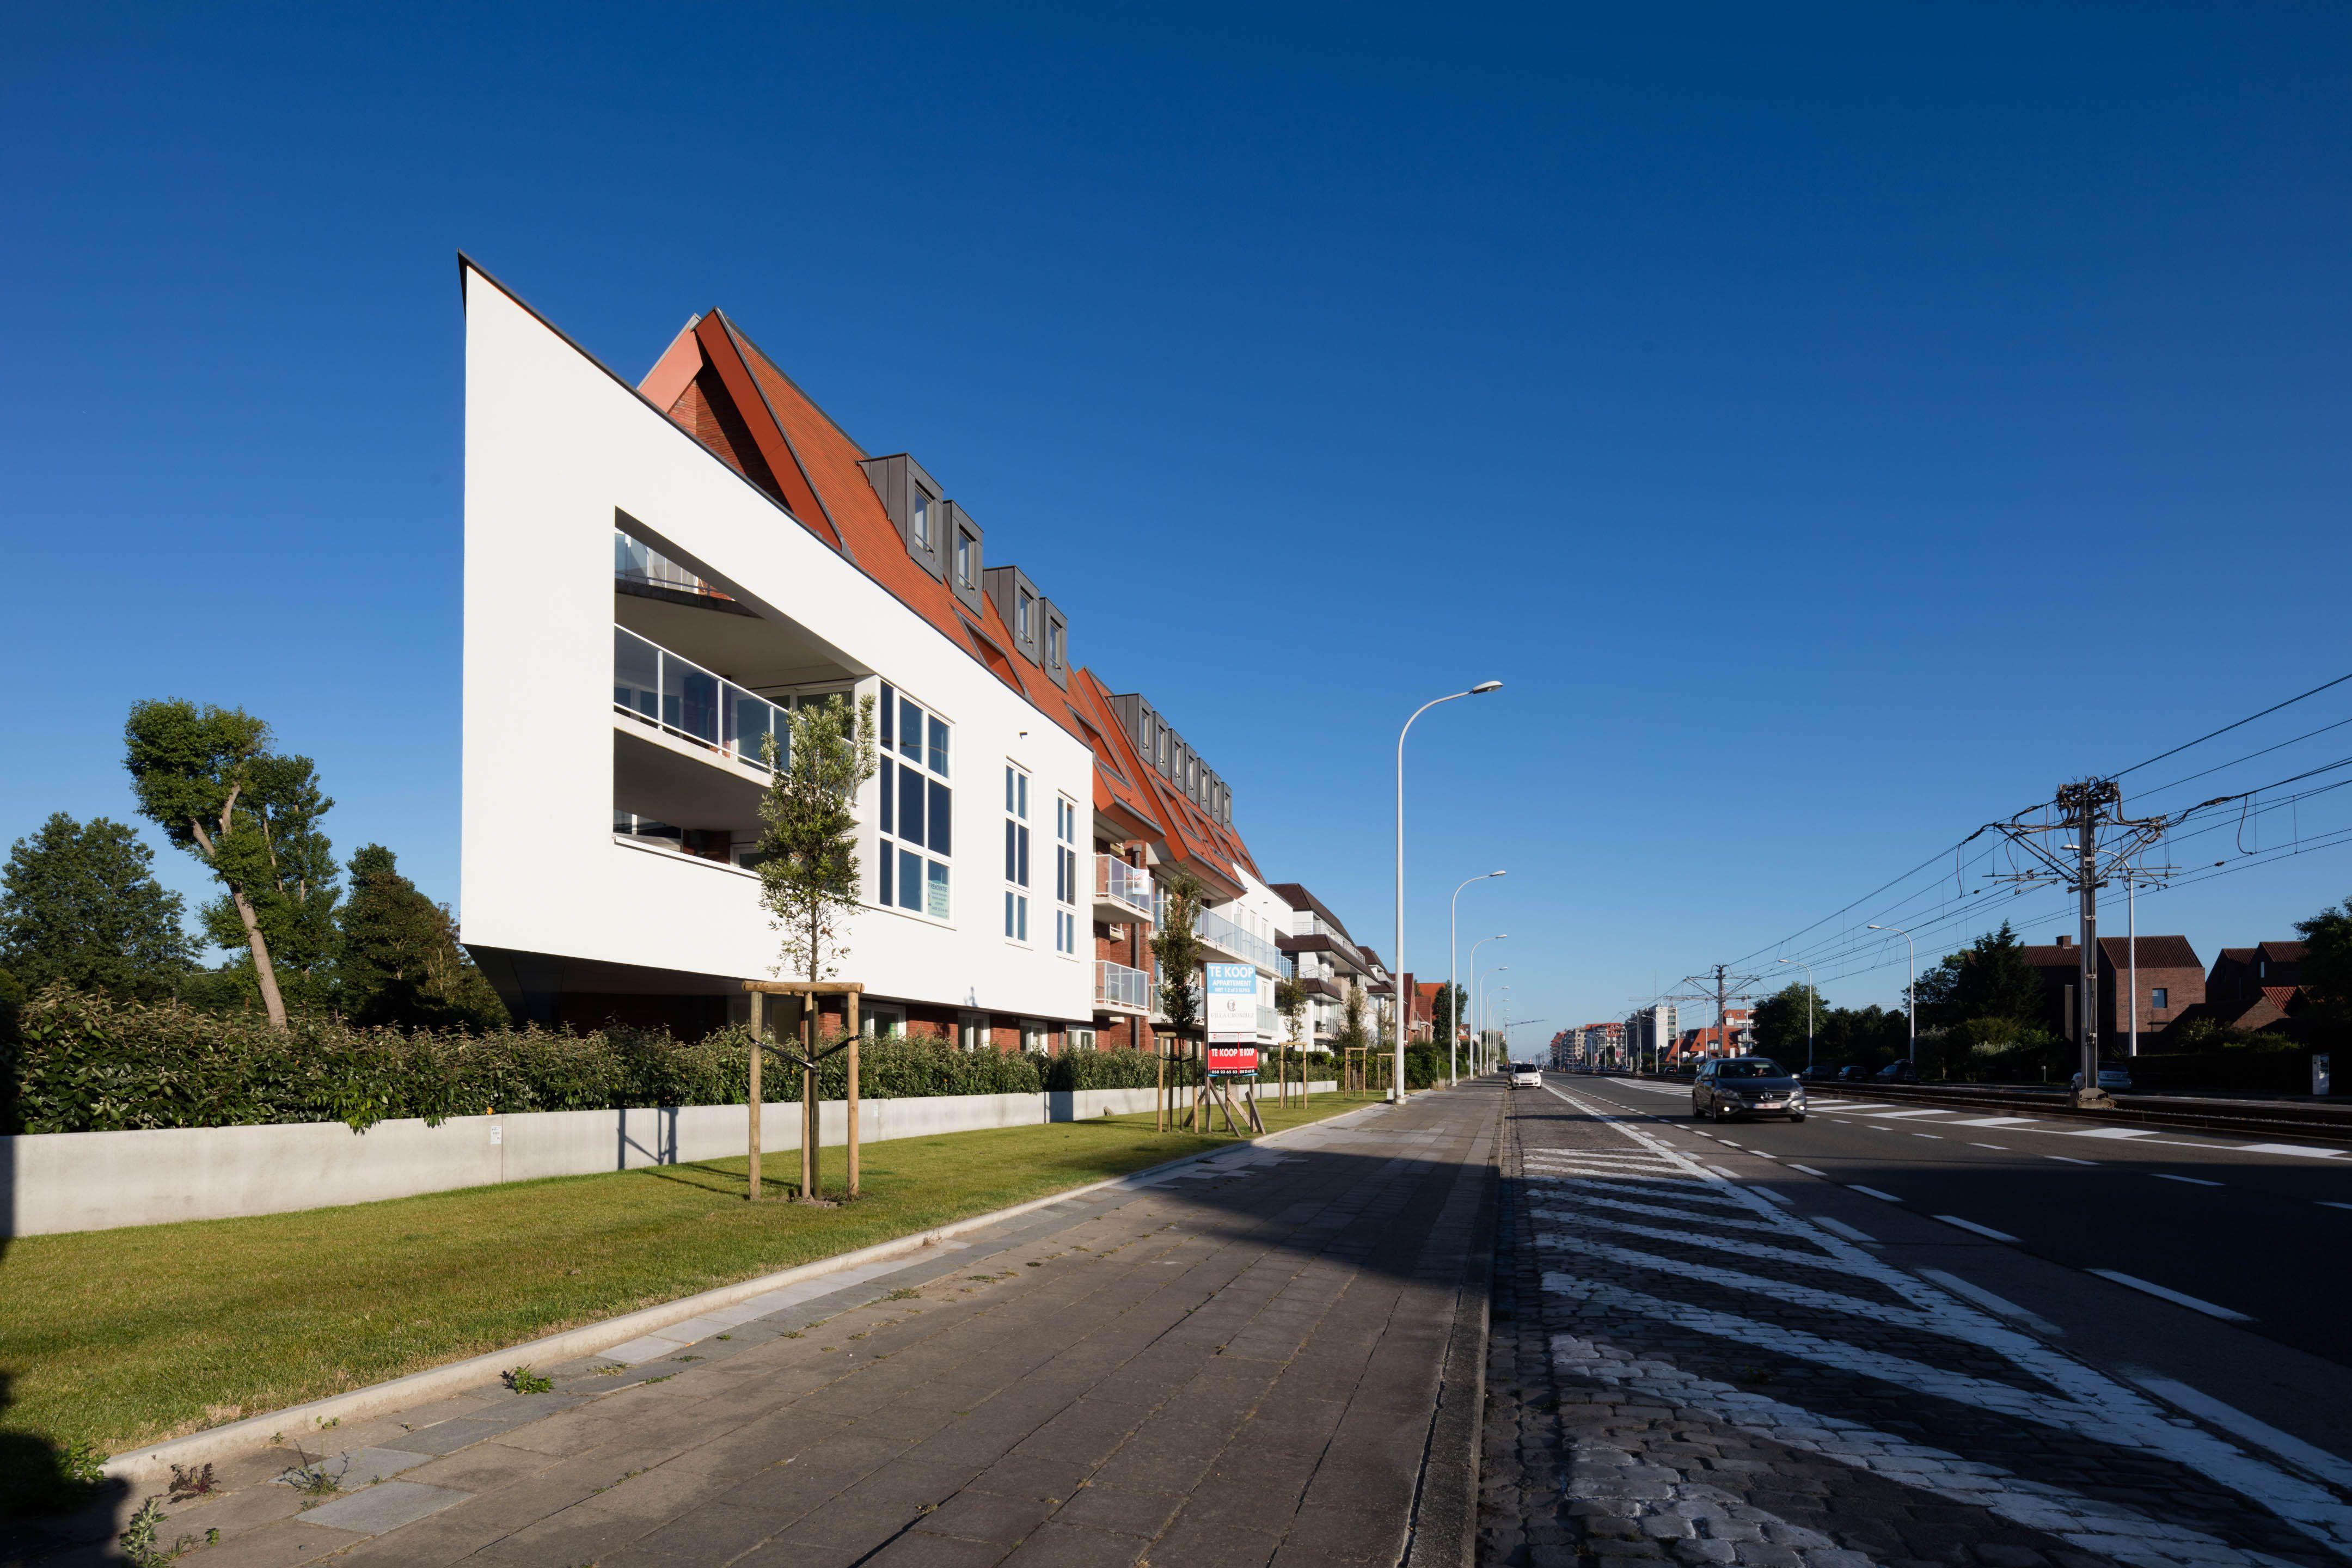 Appartement Residentie Villa Crombez Nieuwpoort - 9269